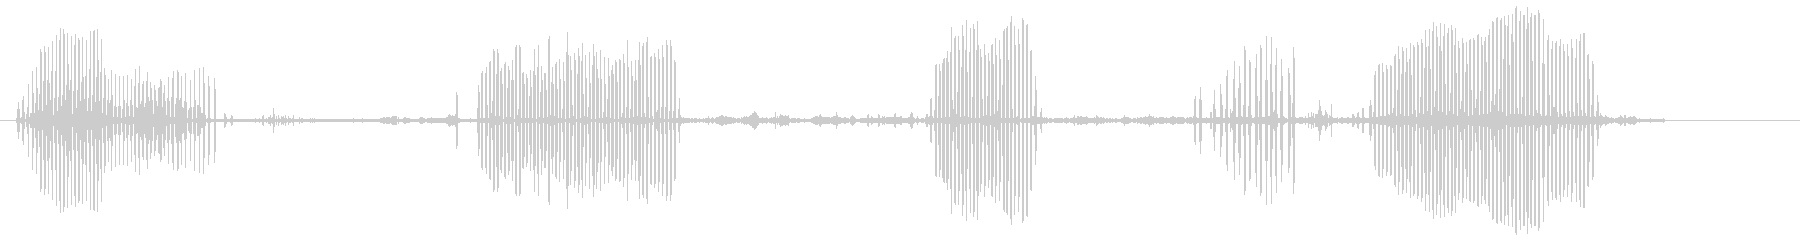 カイツブリの未再生の波形